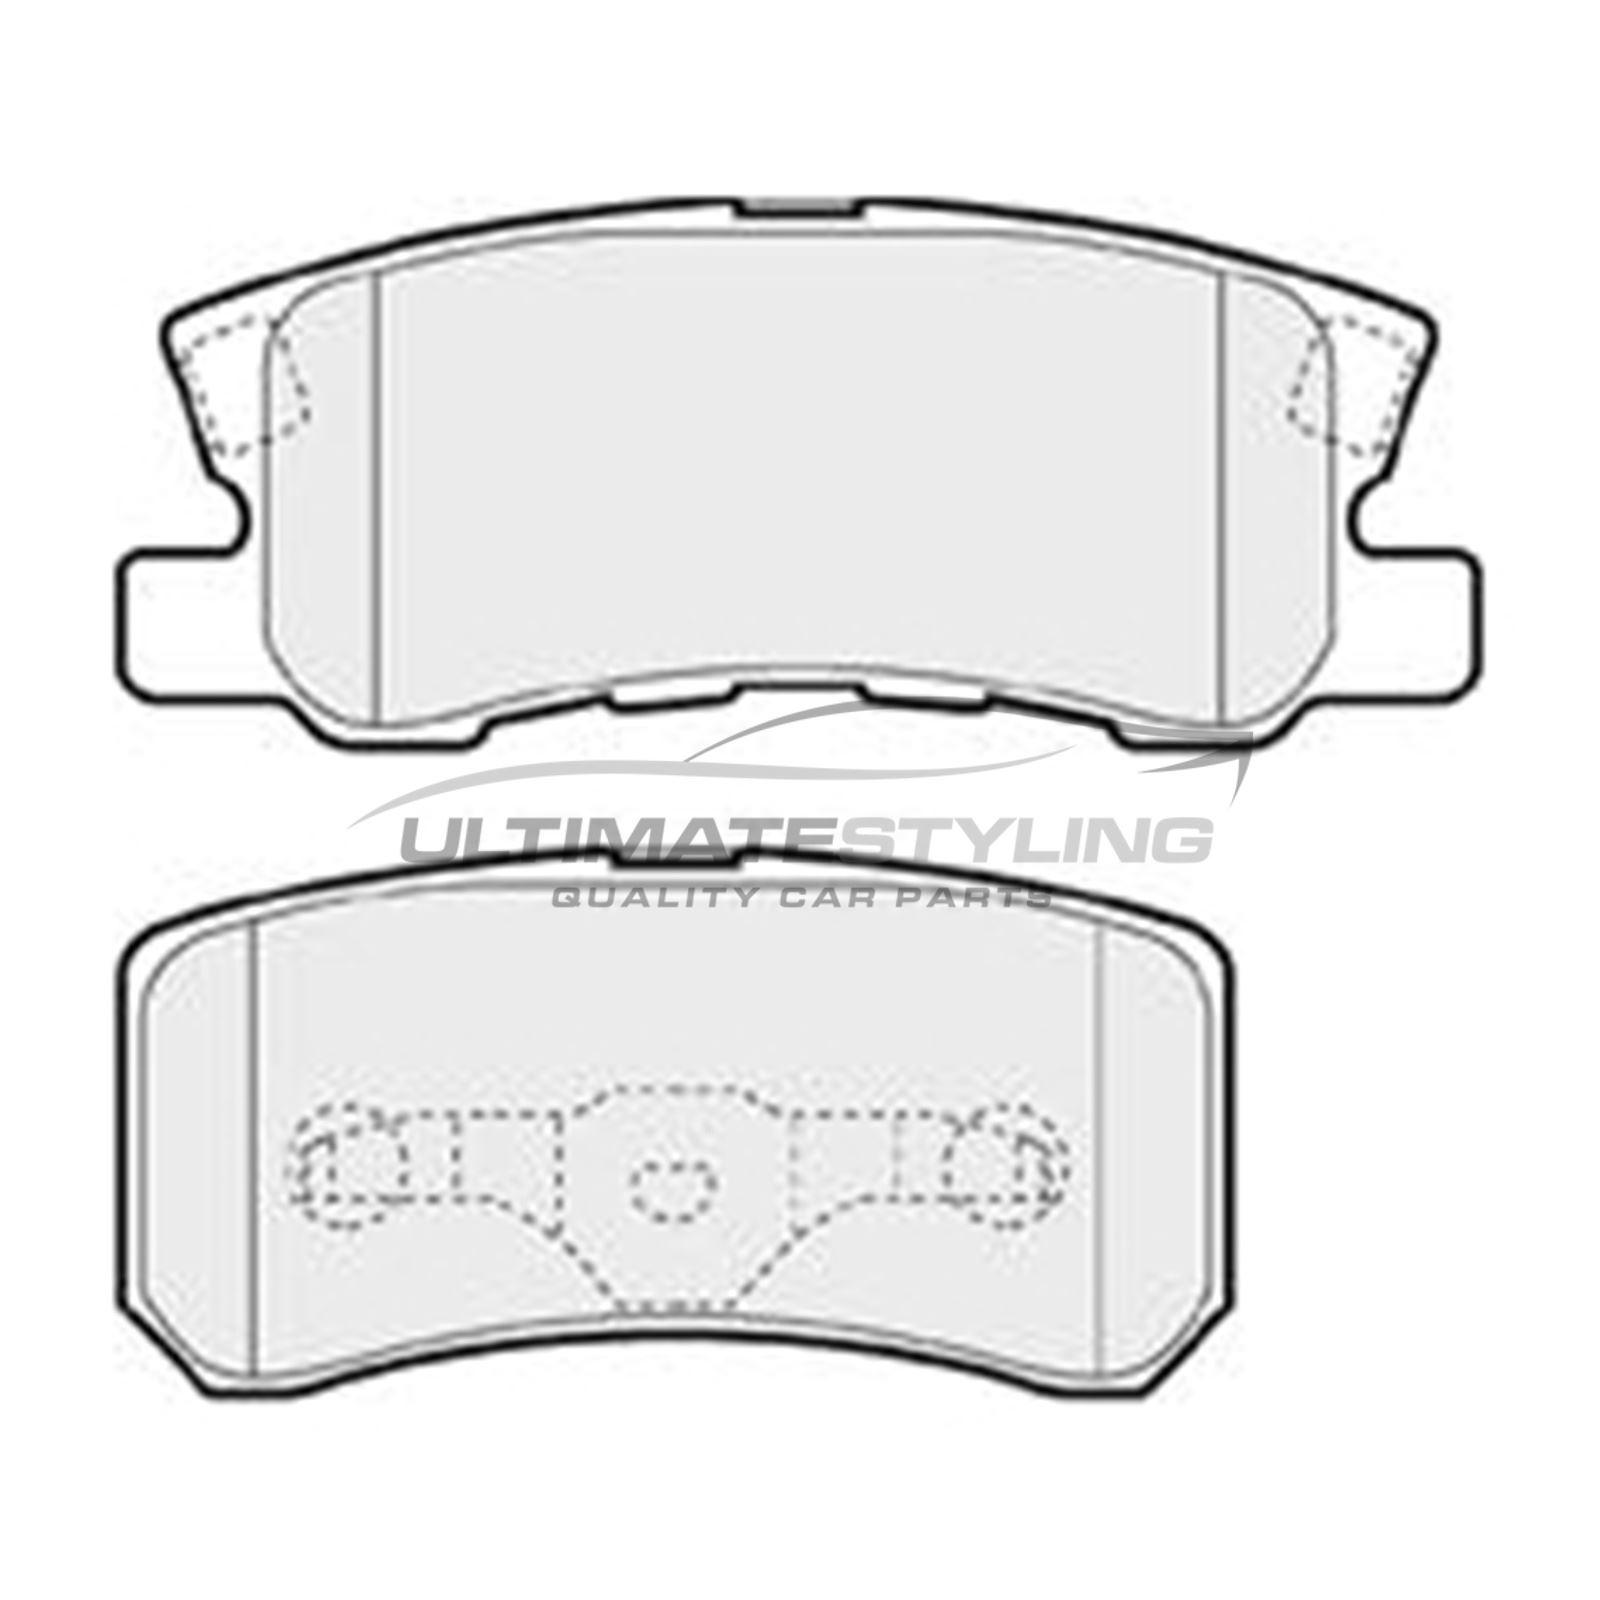 Dodge Caliber Hatchback 2006-2010 1.8 2.0 Rear Brake Pads Kit W111-H45-T15.1